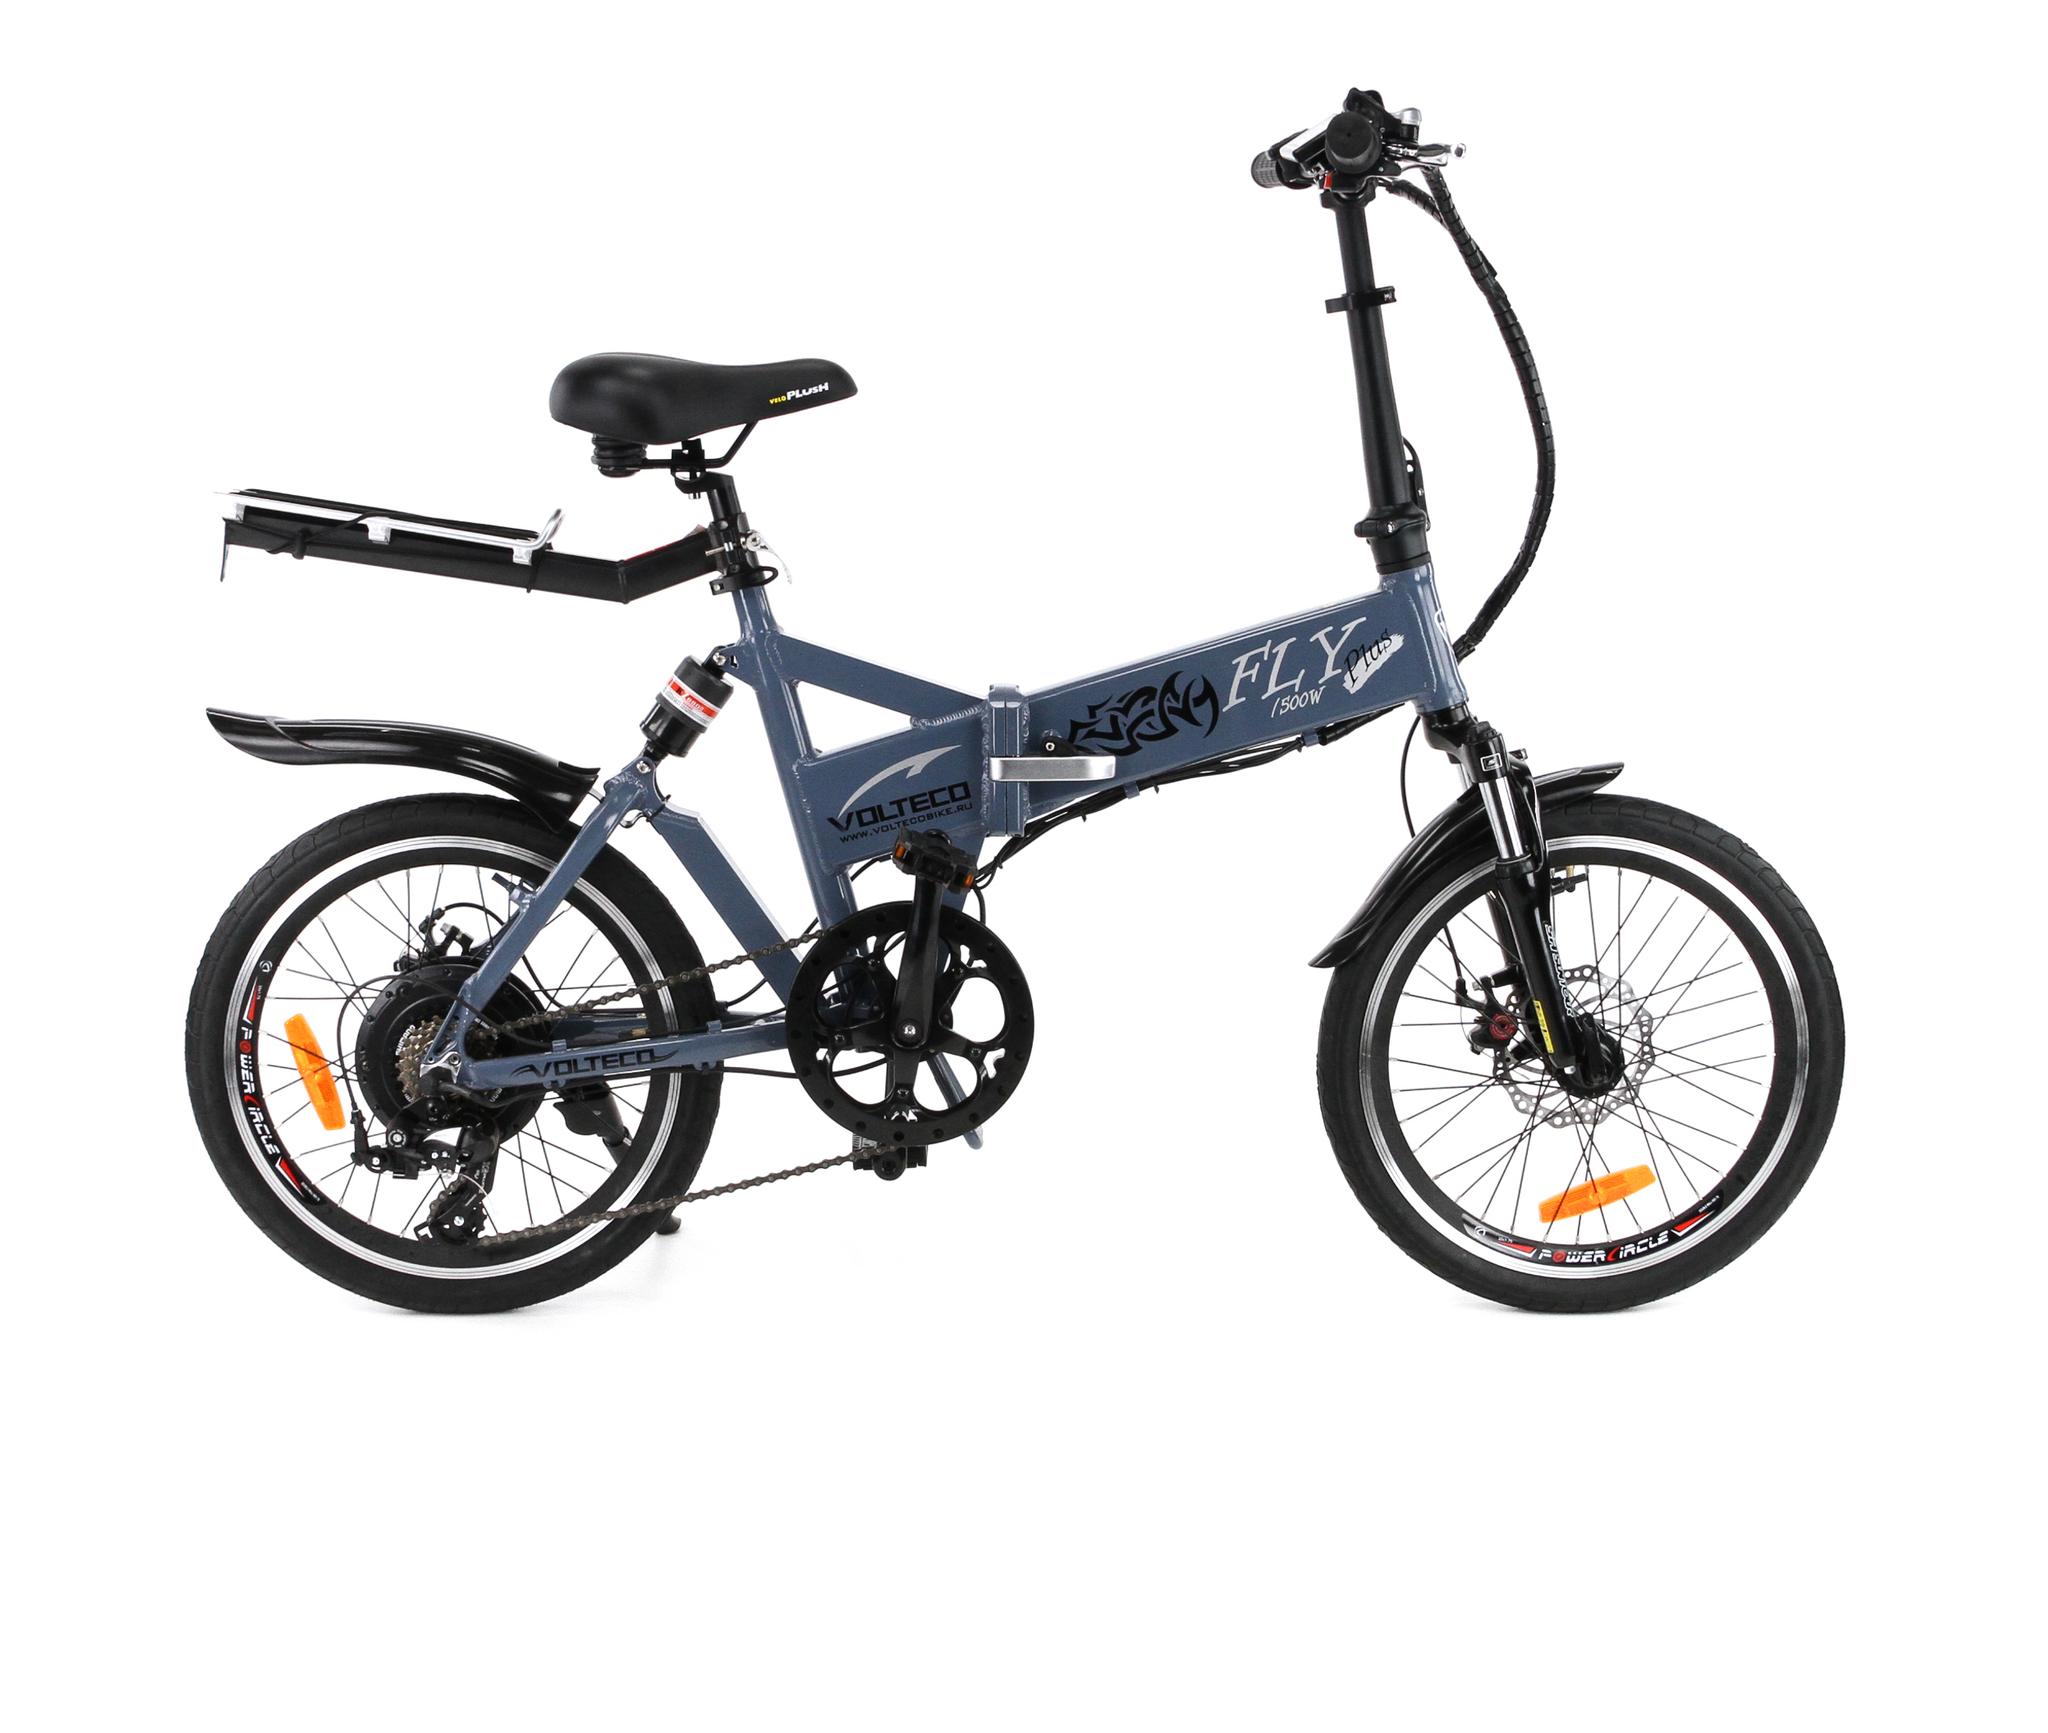 Электровелосипед Volteco Fly Plus 500 (2015)-1